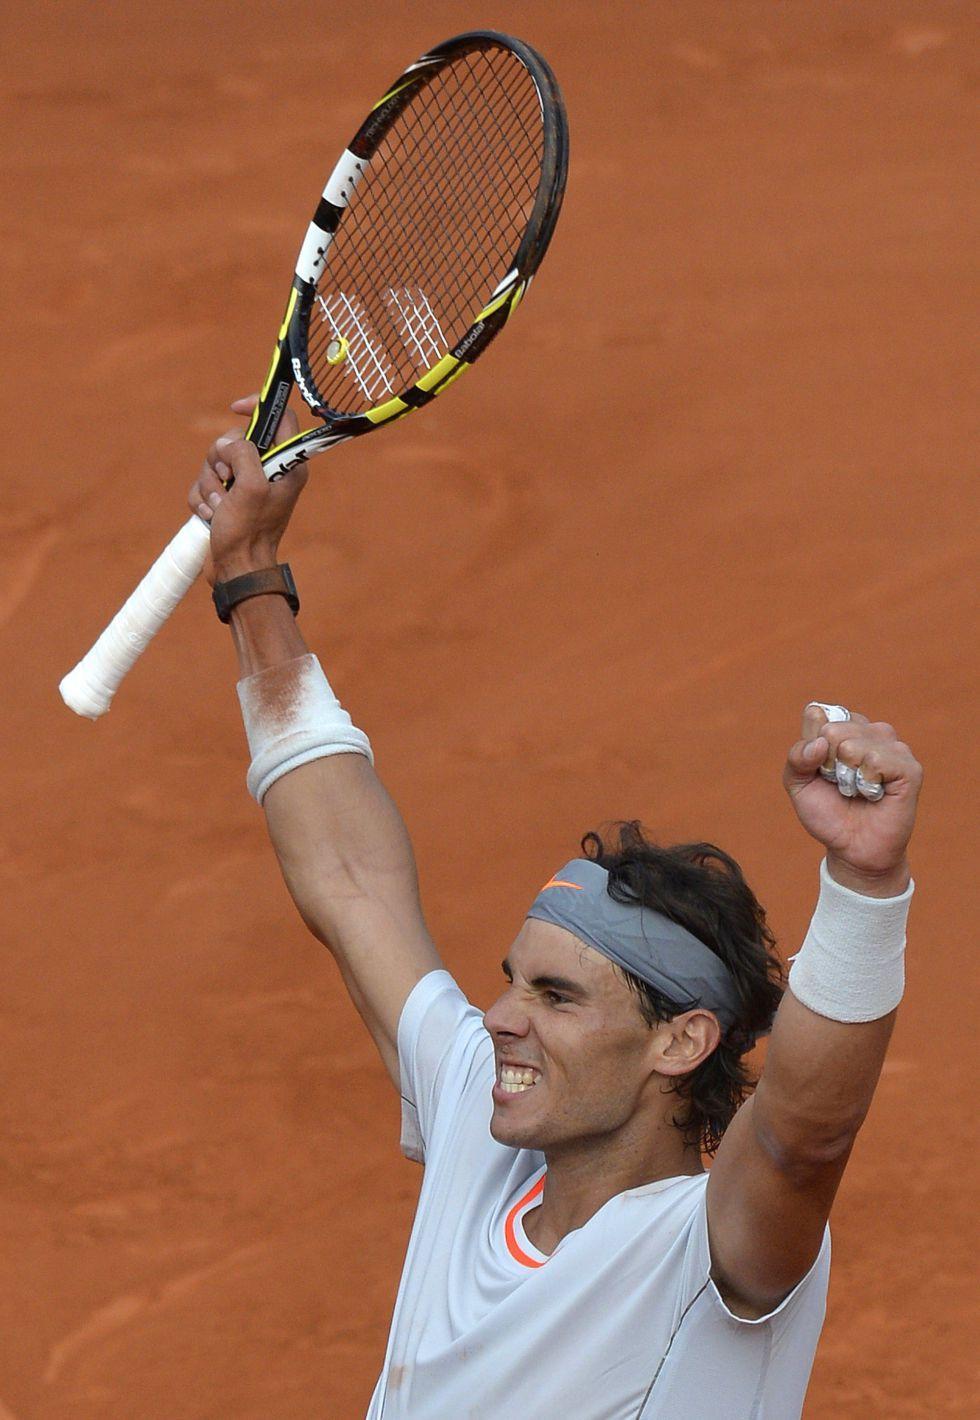 Roland Garros 2013 - Página 2 1370332864_370451_1370451441_noticia_grande